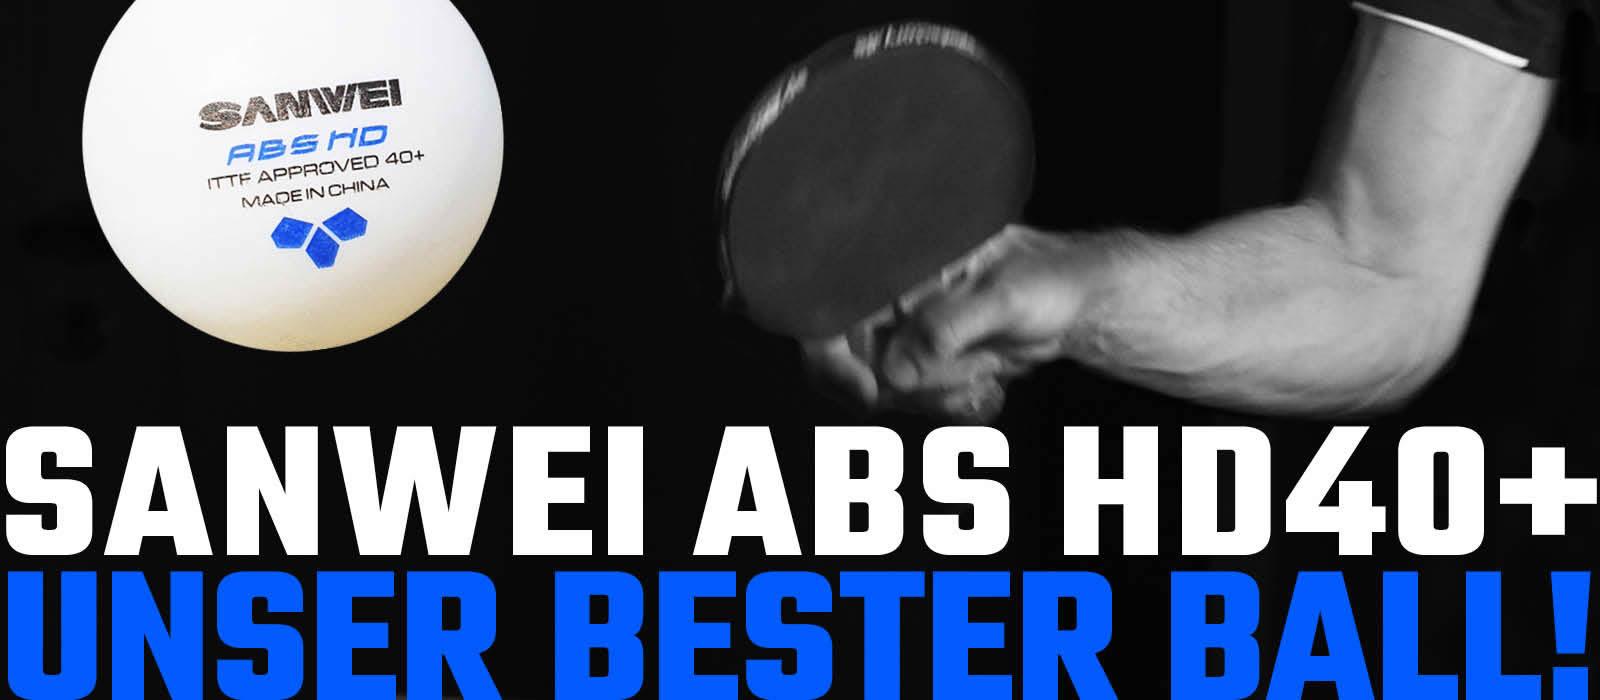 Sanwei Tischtennisball ABS HD40+